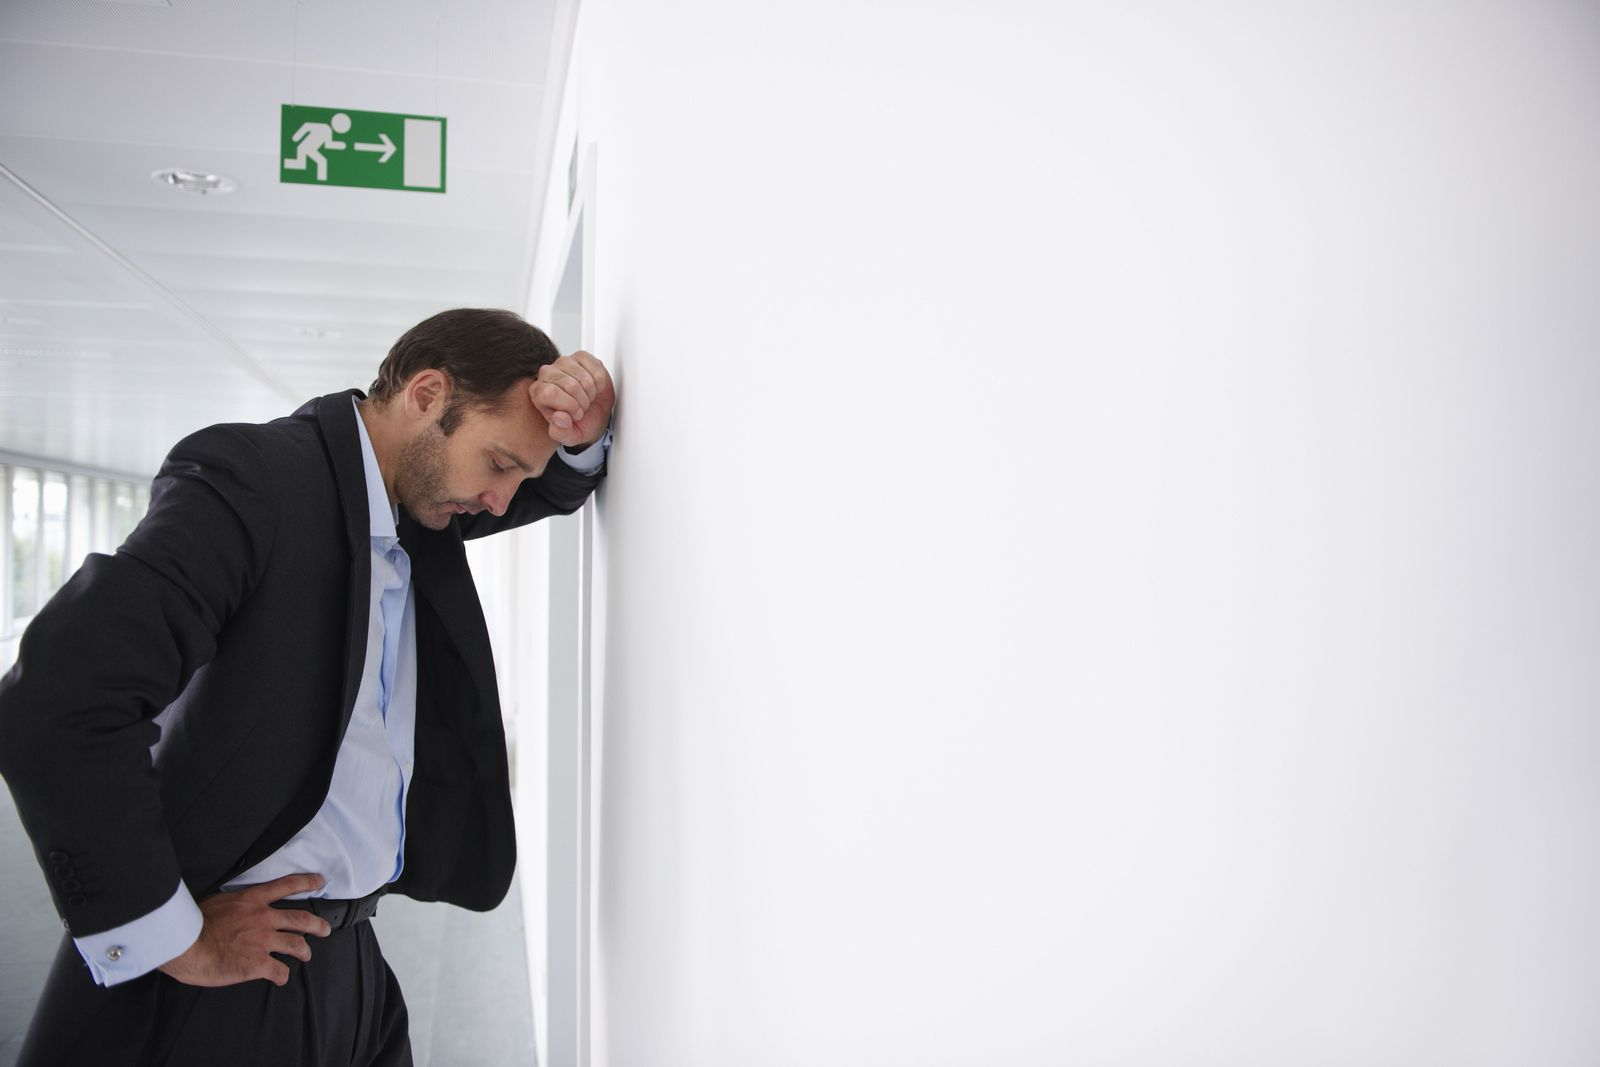 NICHT MEHR VERWENDEN! - Burnout / Geschäftsmann / müde / Stress